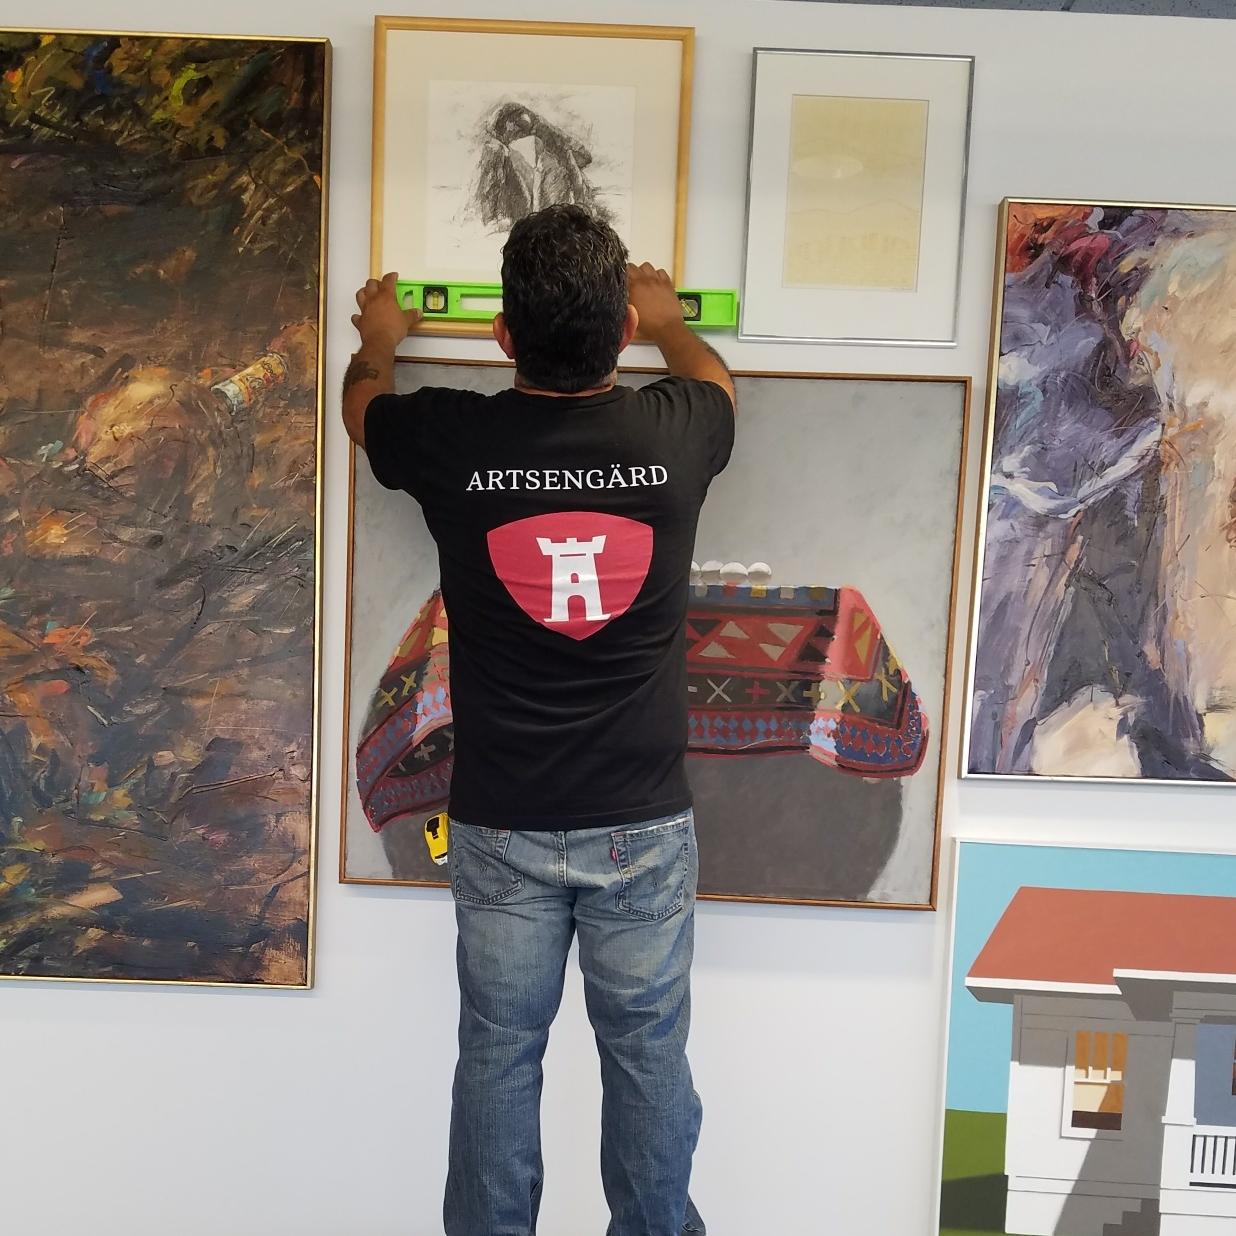 Artsengard_installation2.jpg